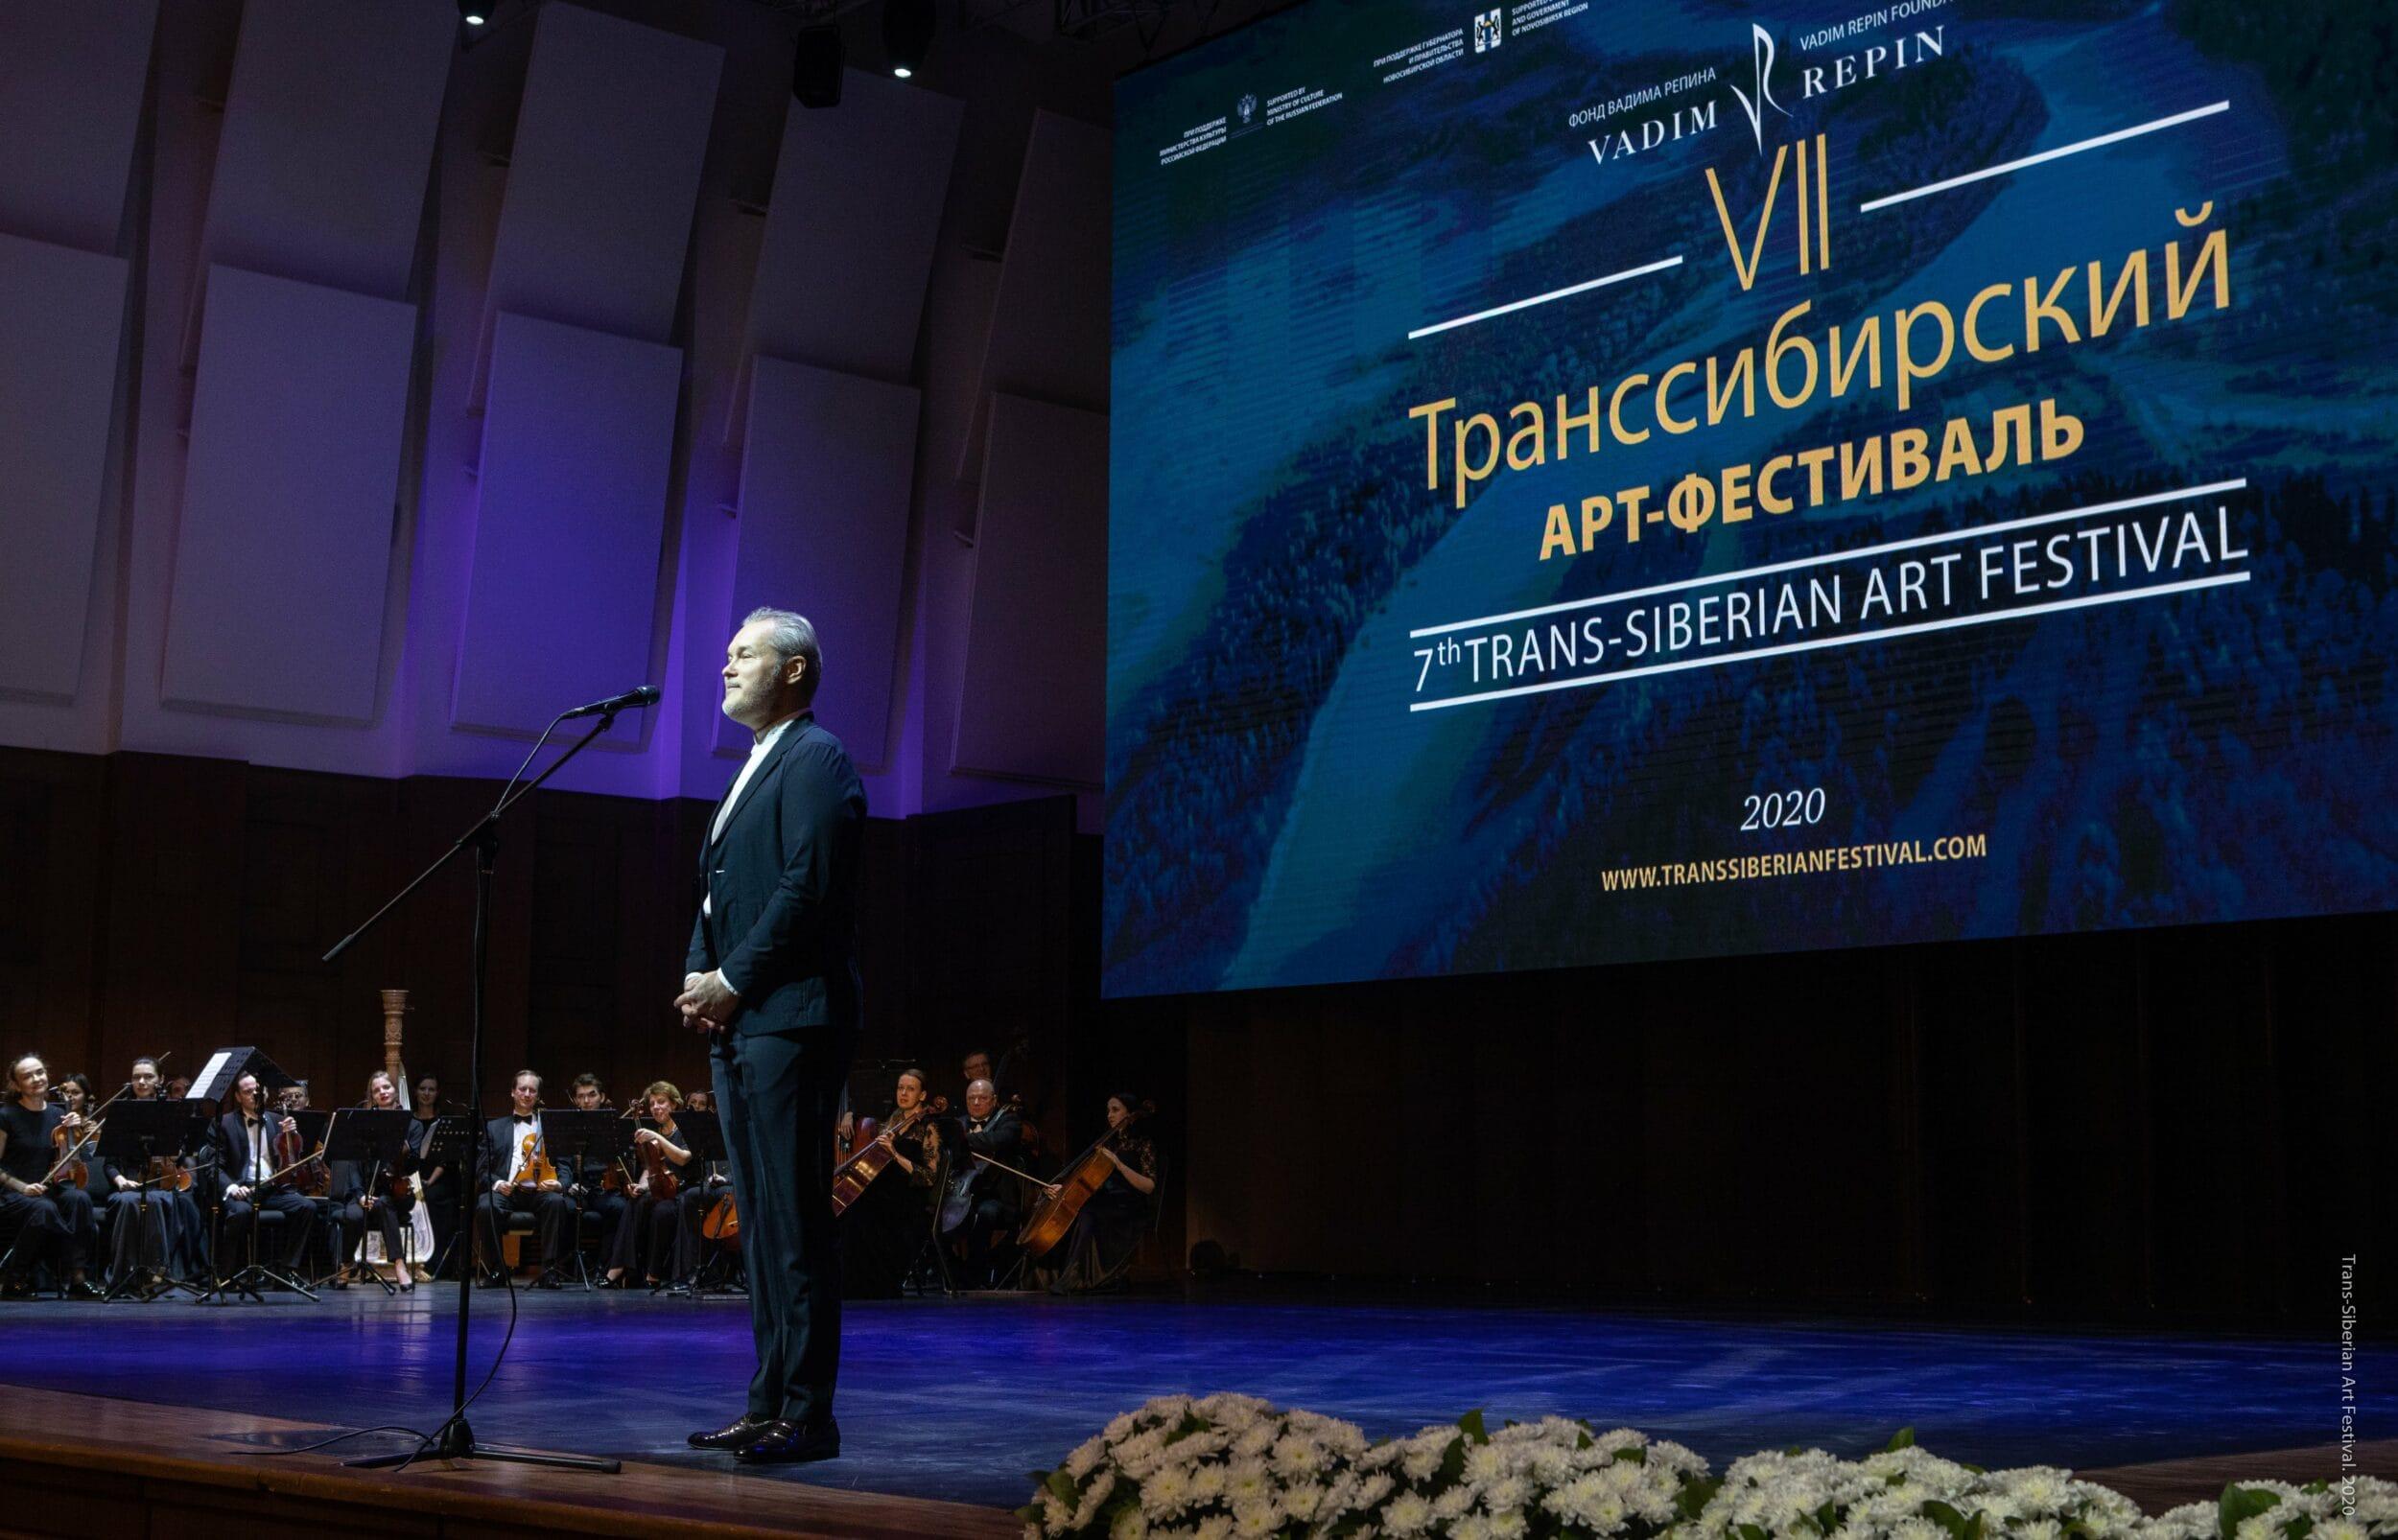 Открытие VII Транссибирского Арт-Фестиваля. Фото - Александр Иванова